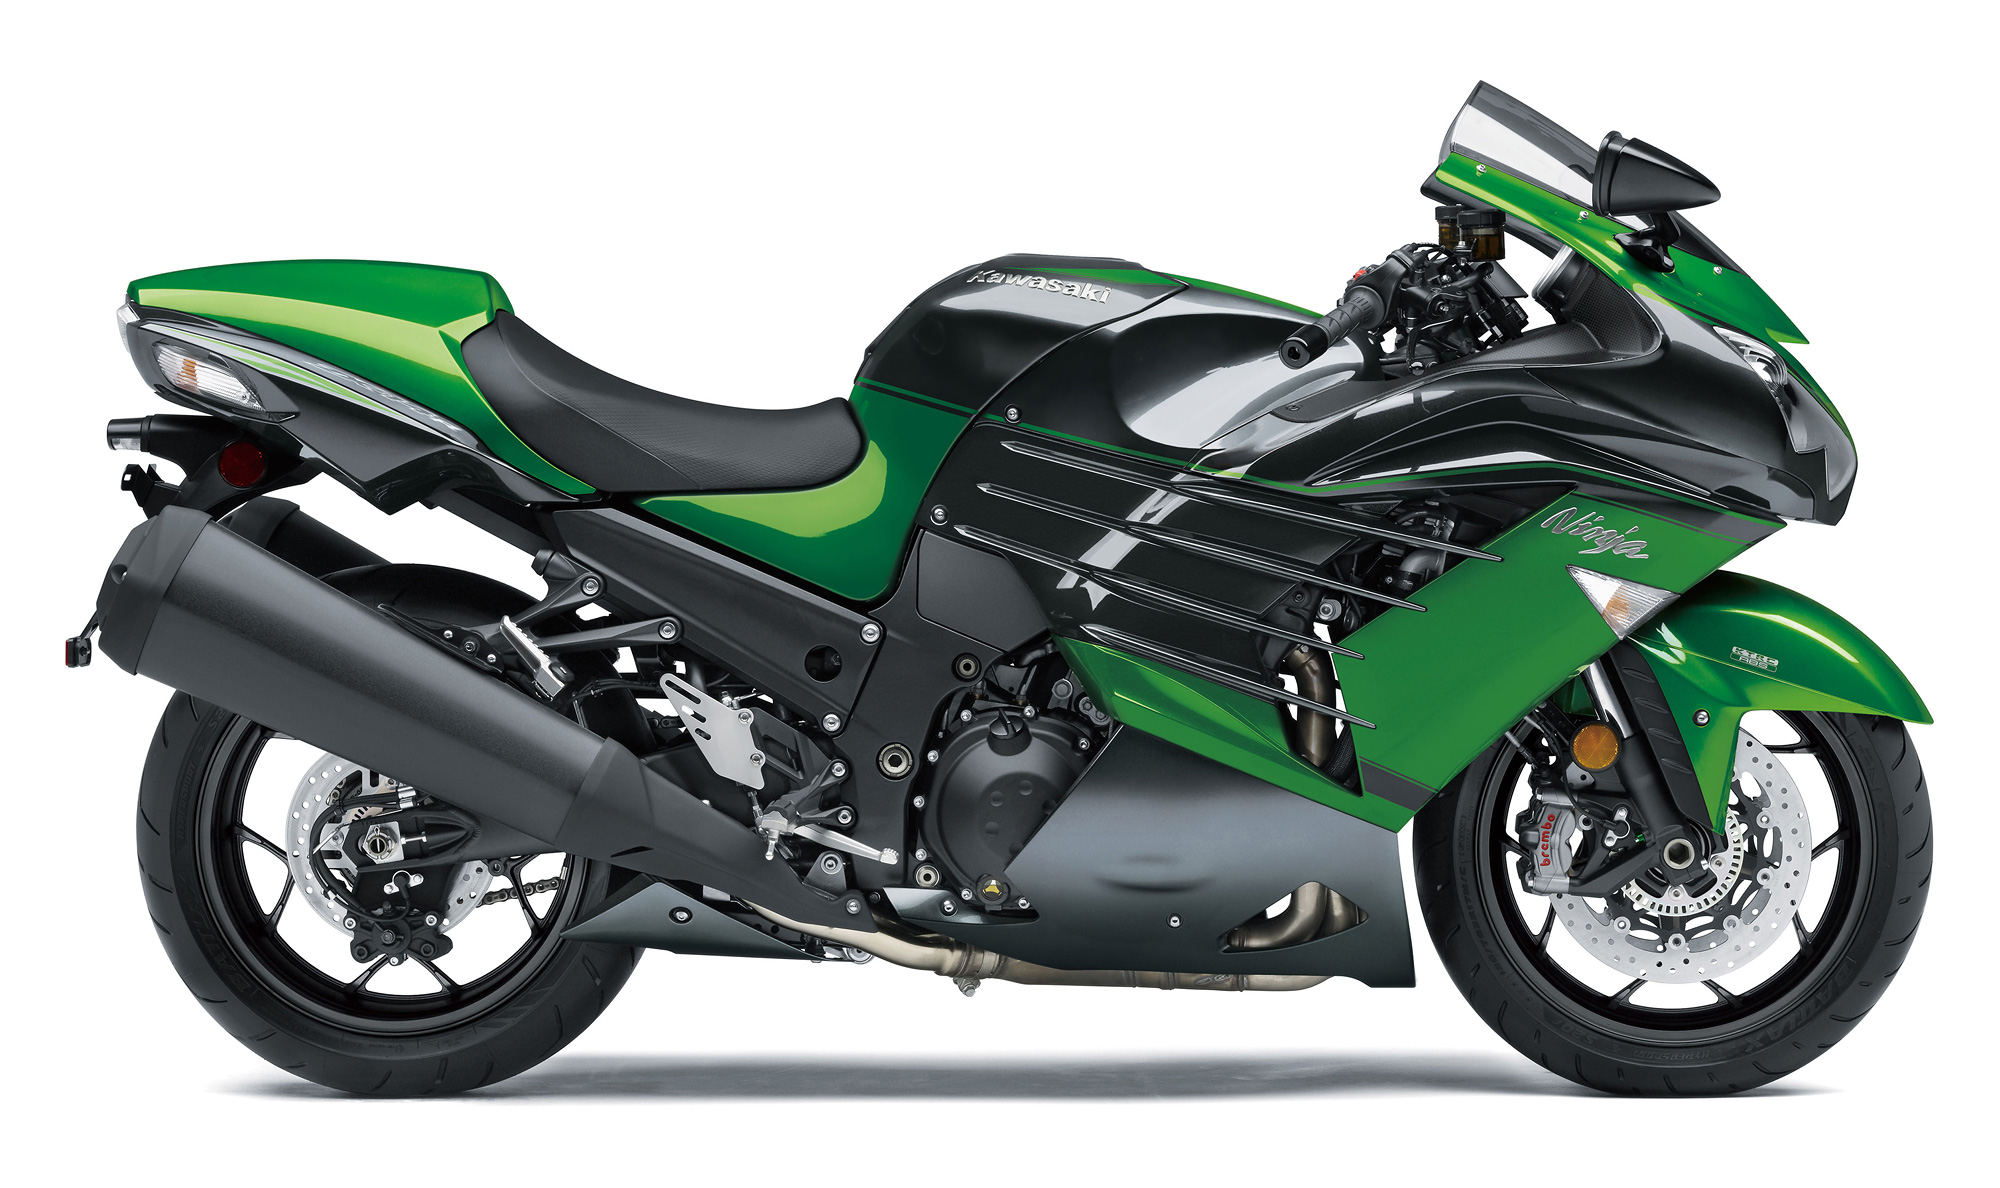 Kawasaki Zxr Price In Usa